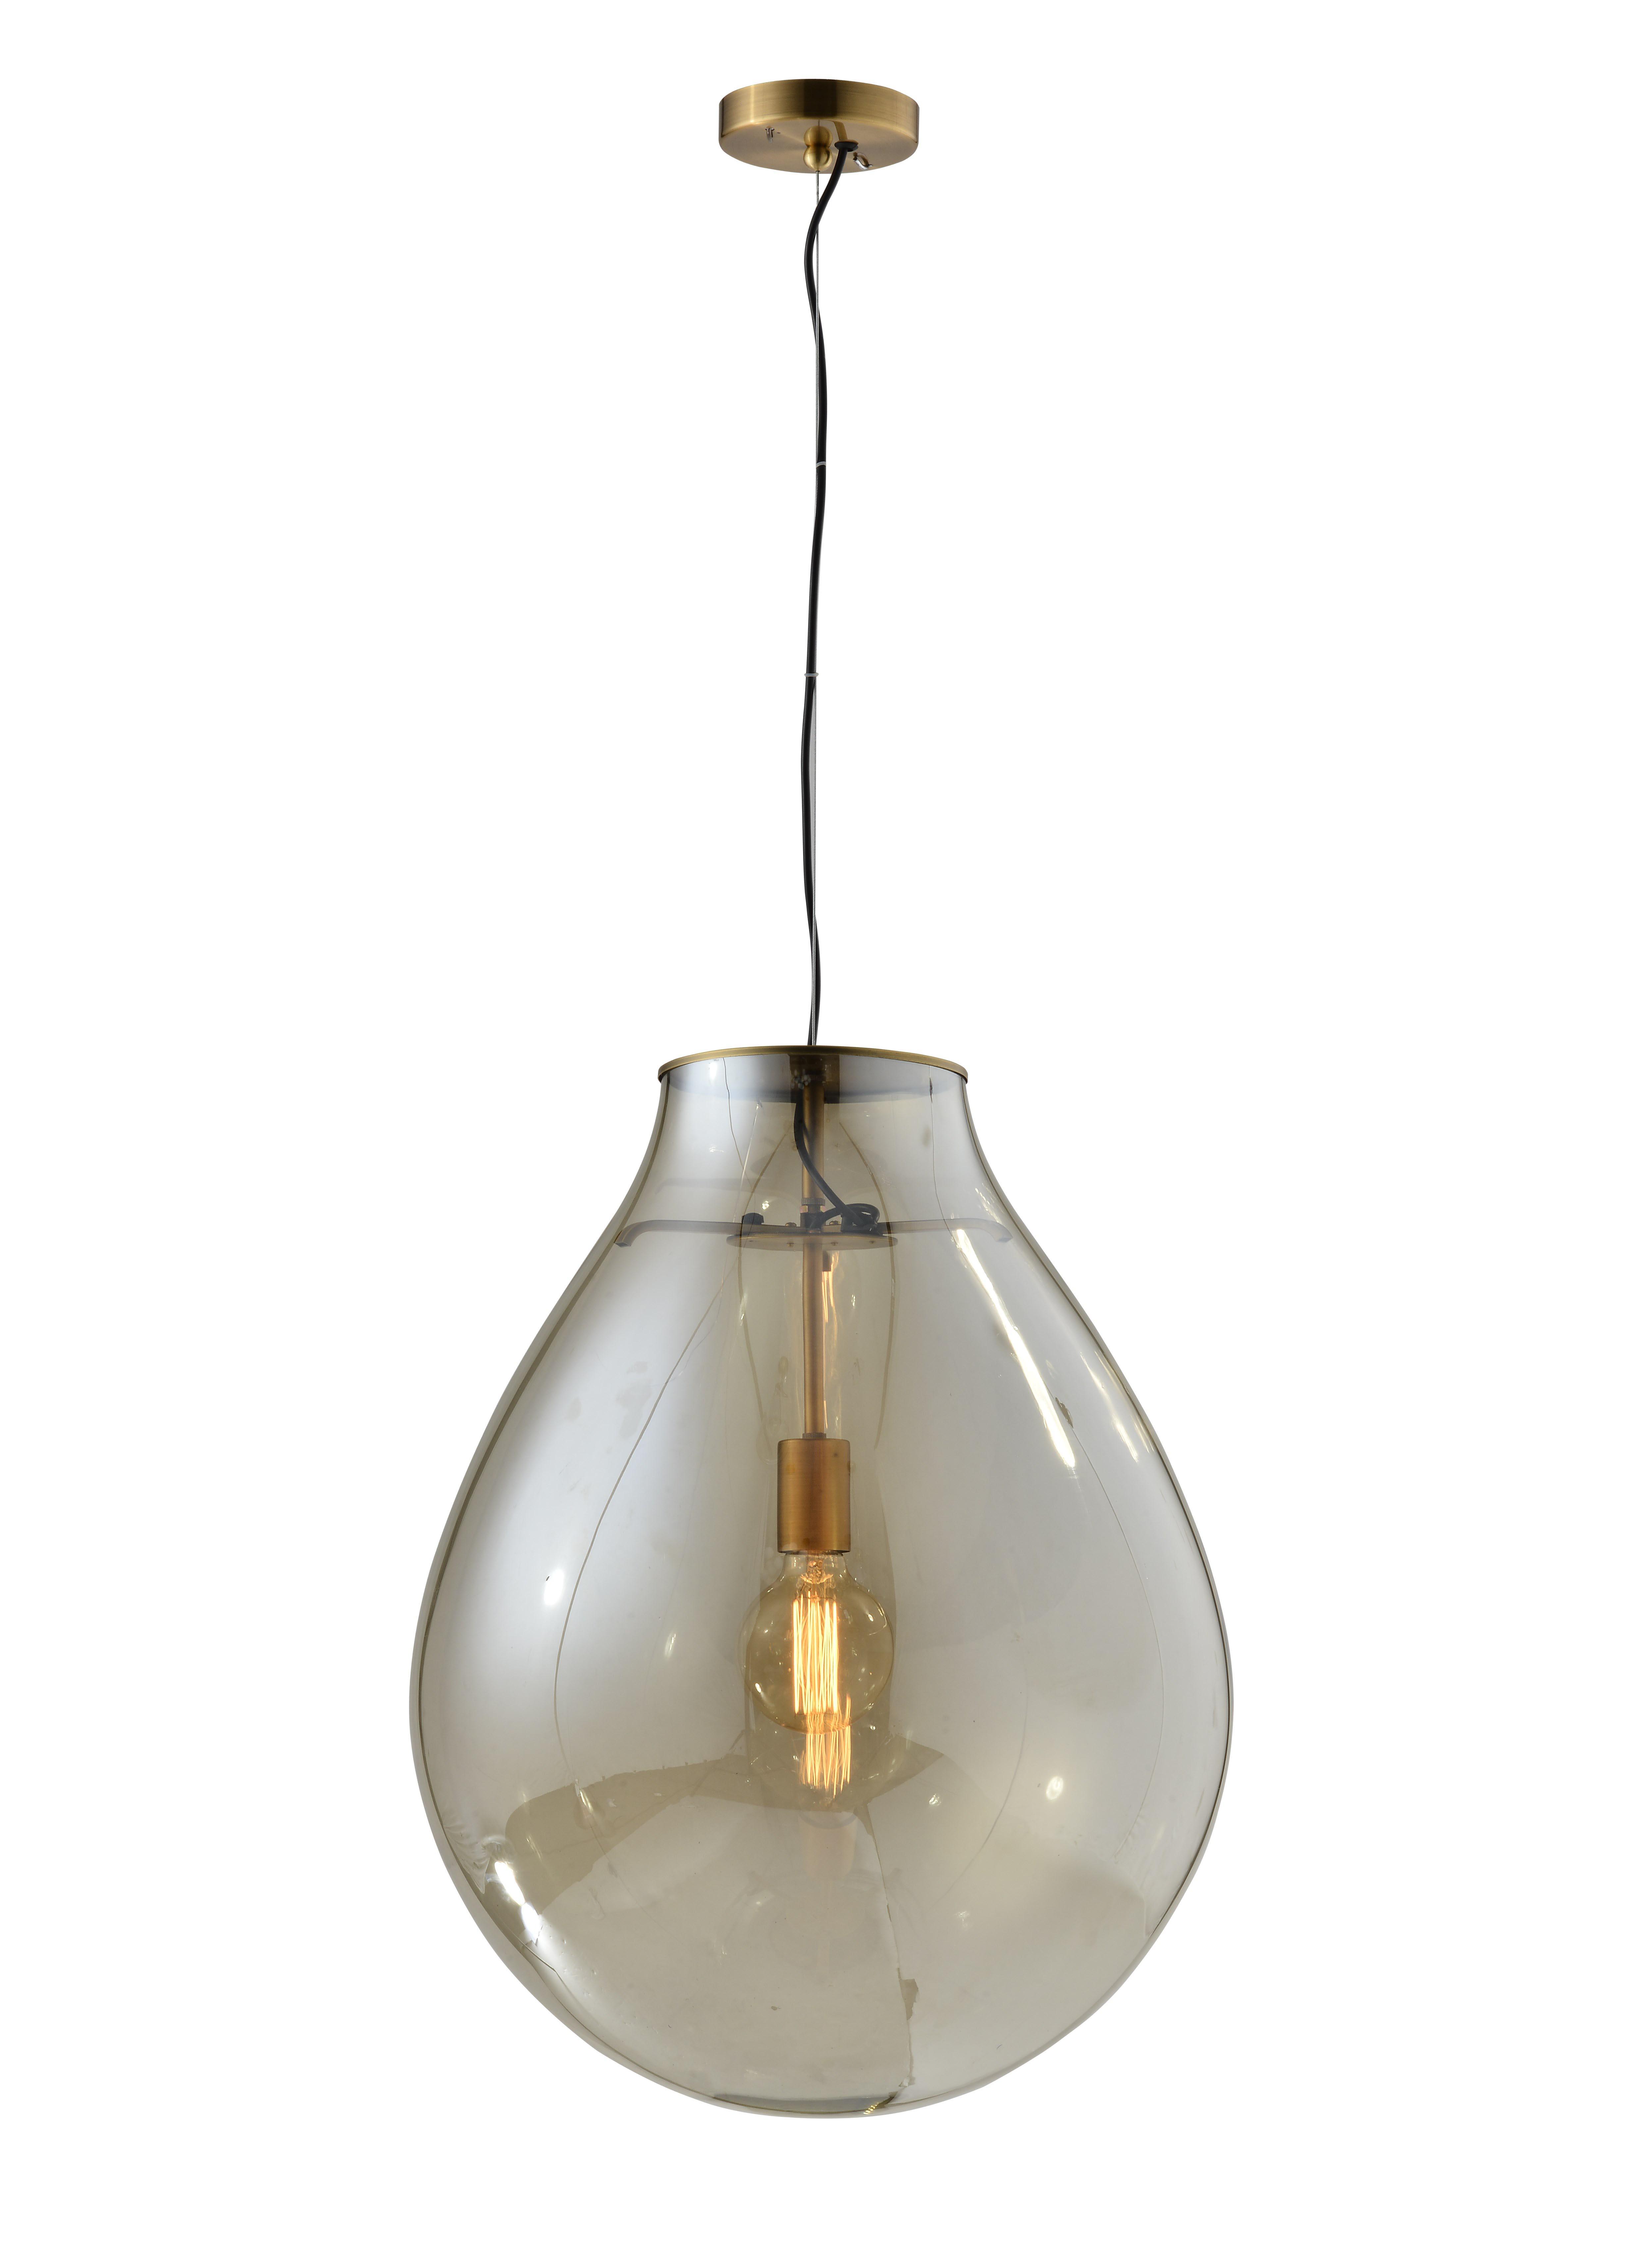 מנורת תליה פרגי בגימור נחושת ביתילי